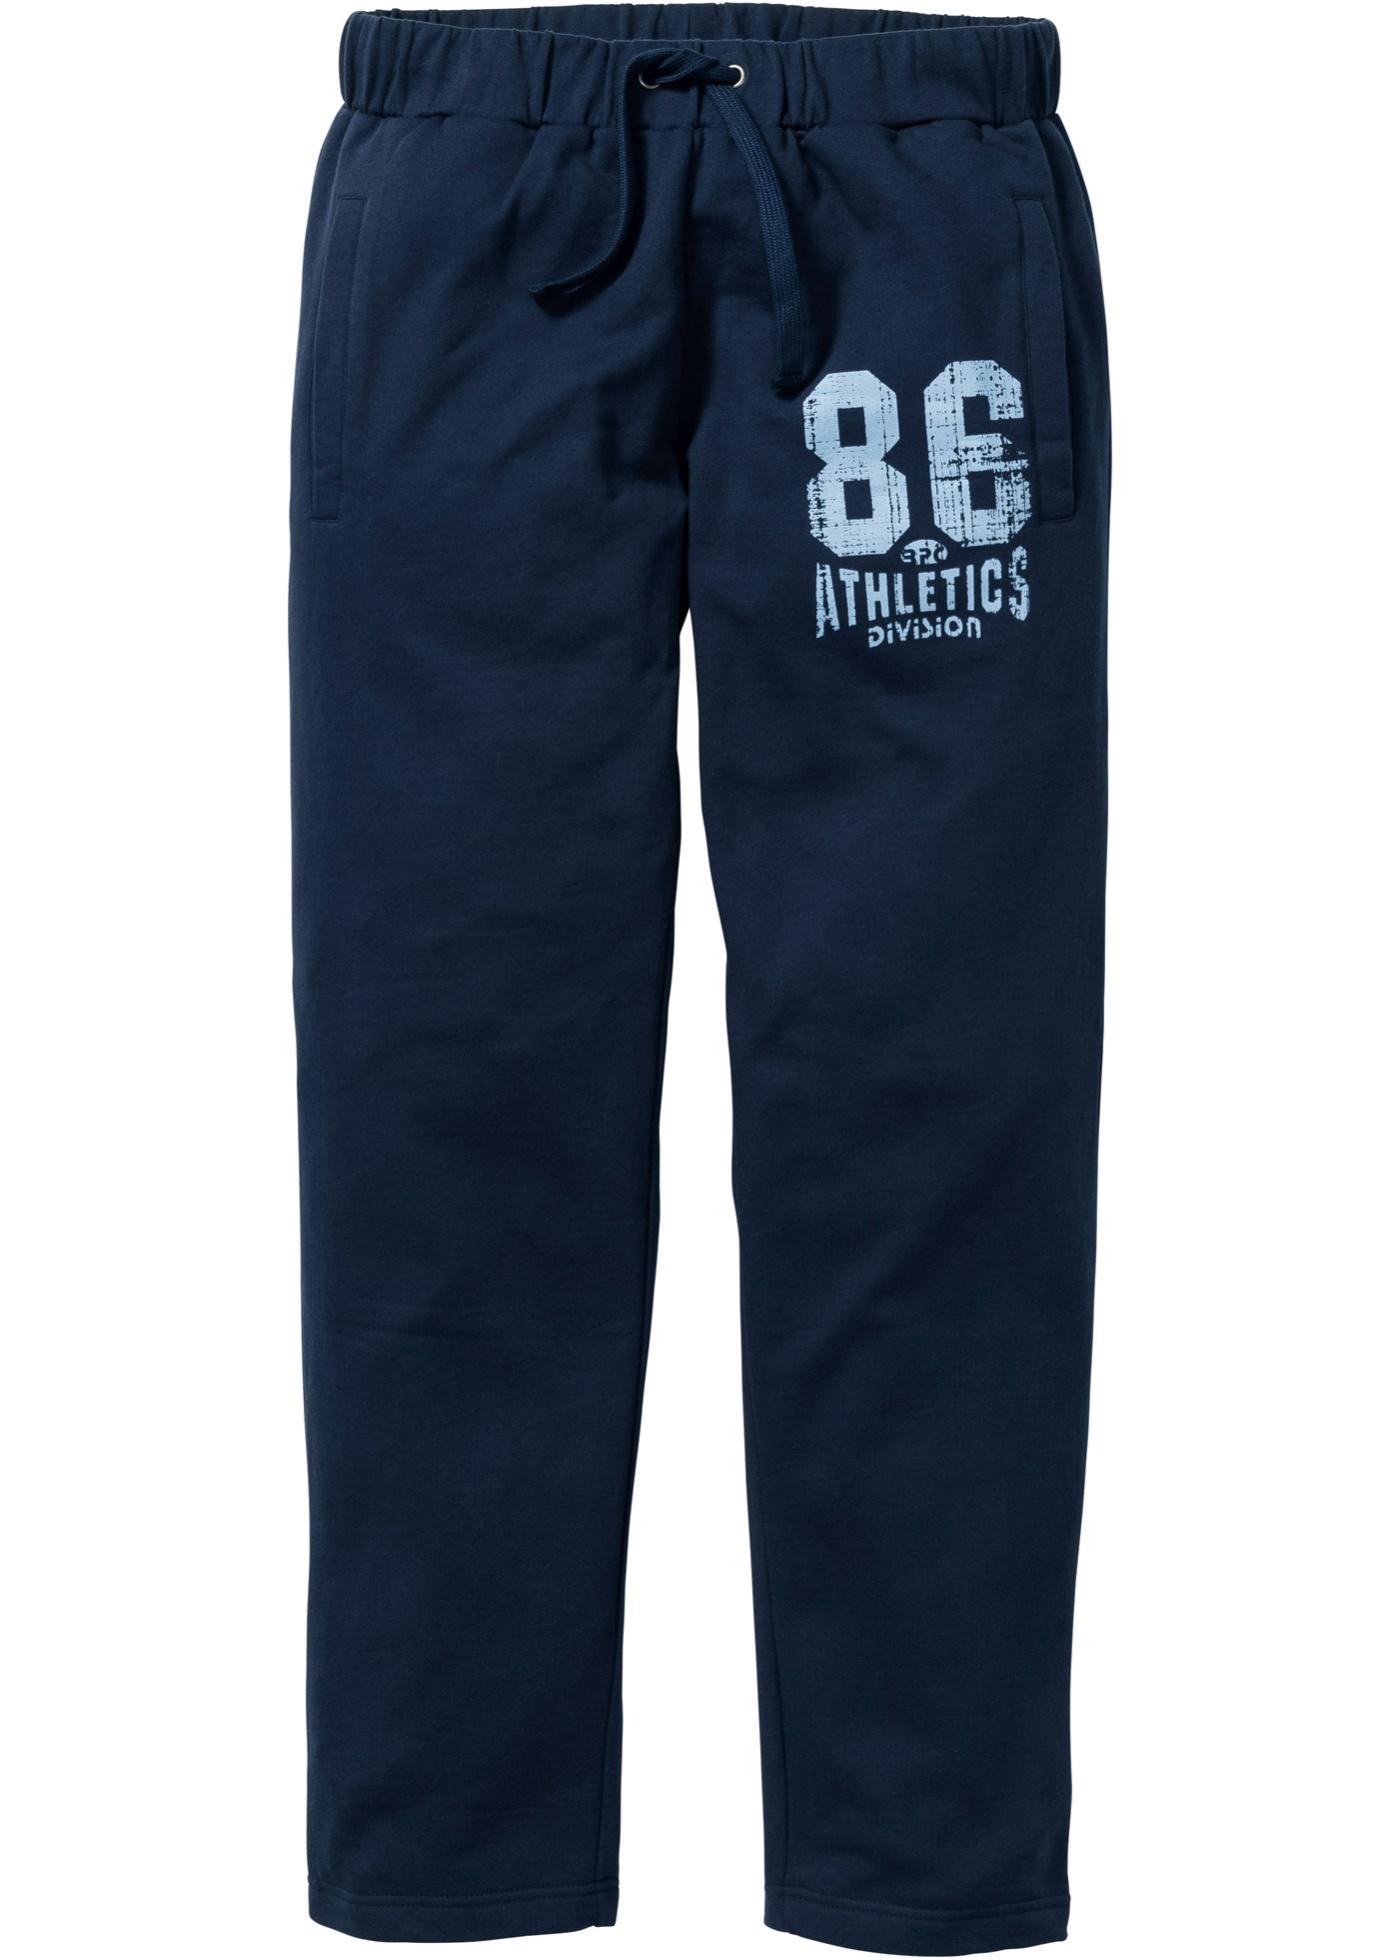 Pantalone da jogging regu